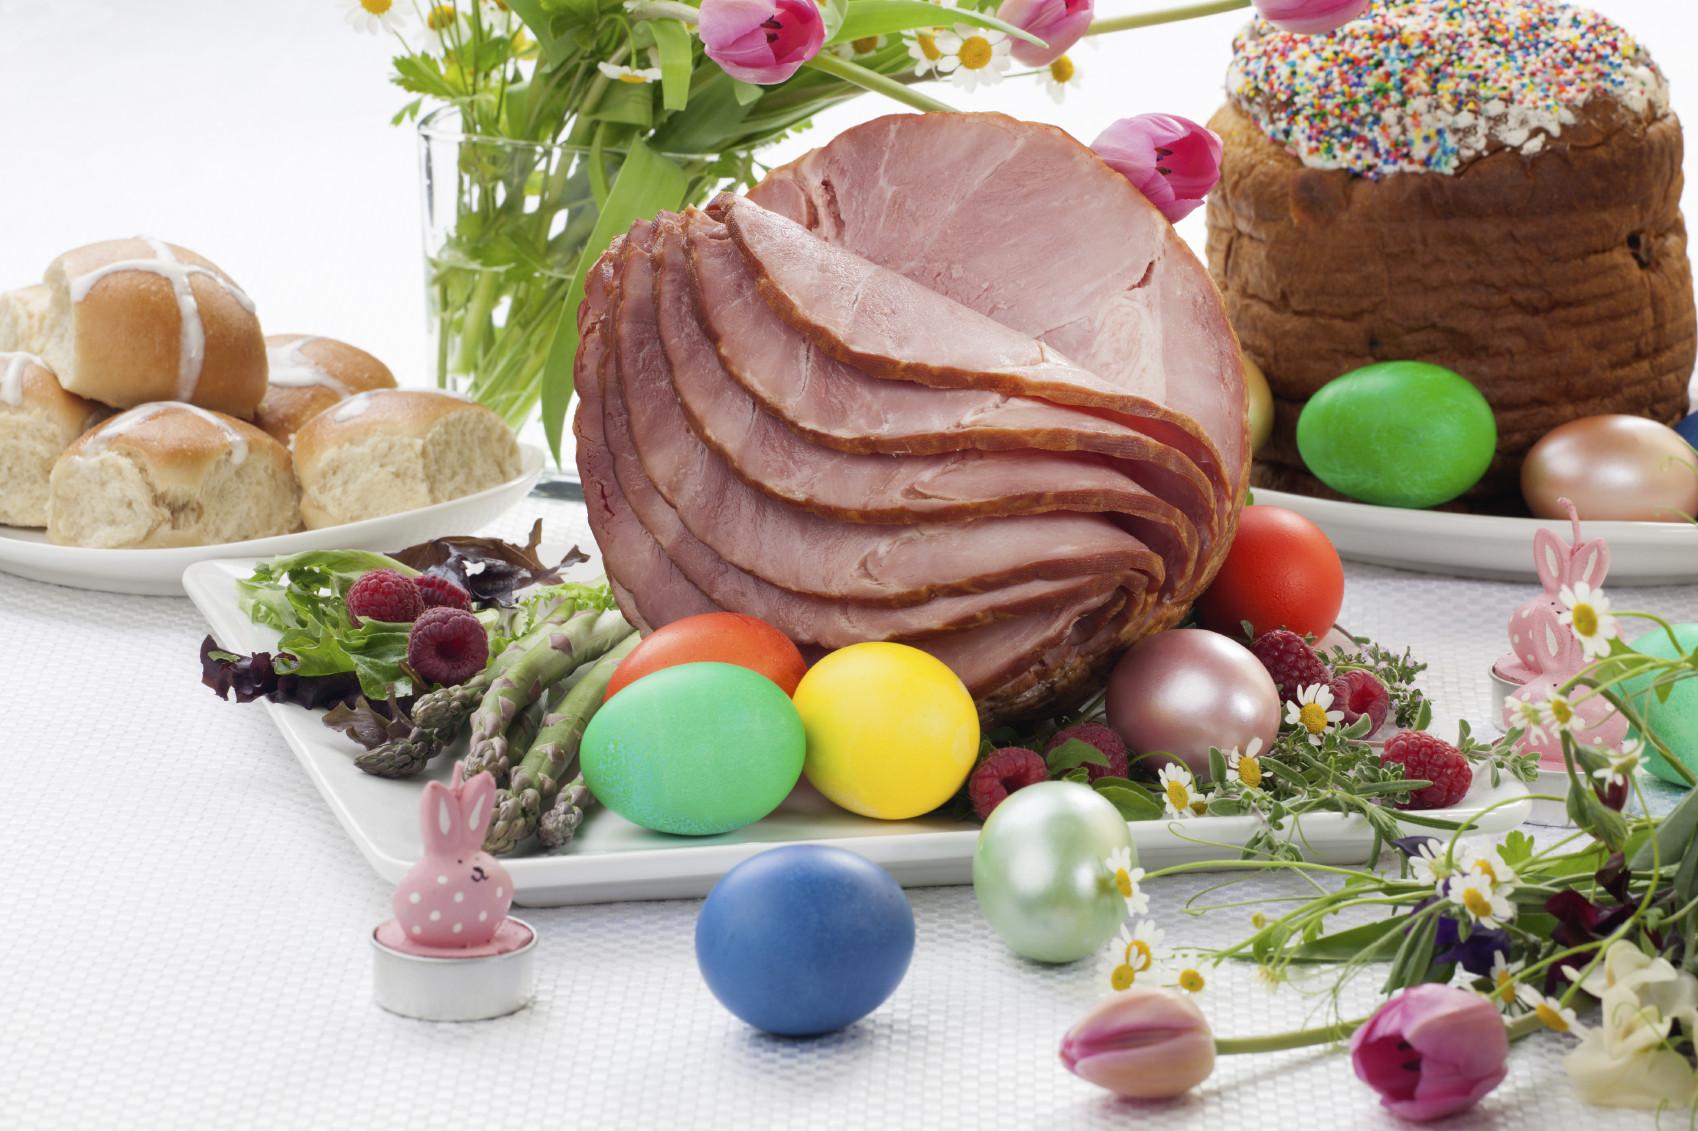 Easter Dinner At Restaurants  Tips For Making An Easter Ham